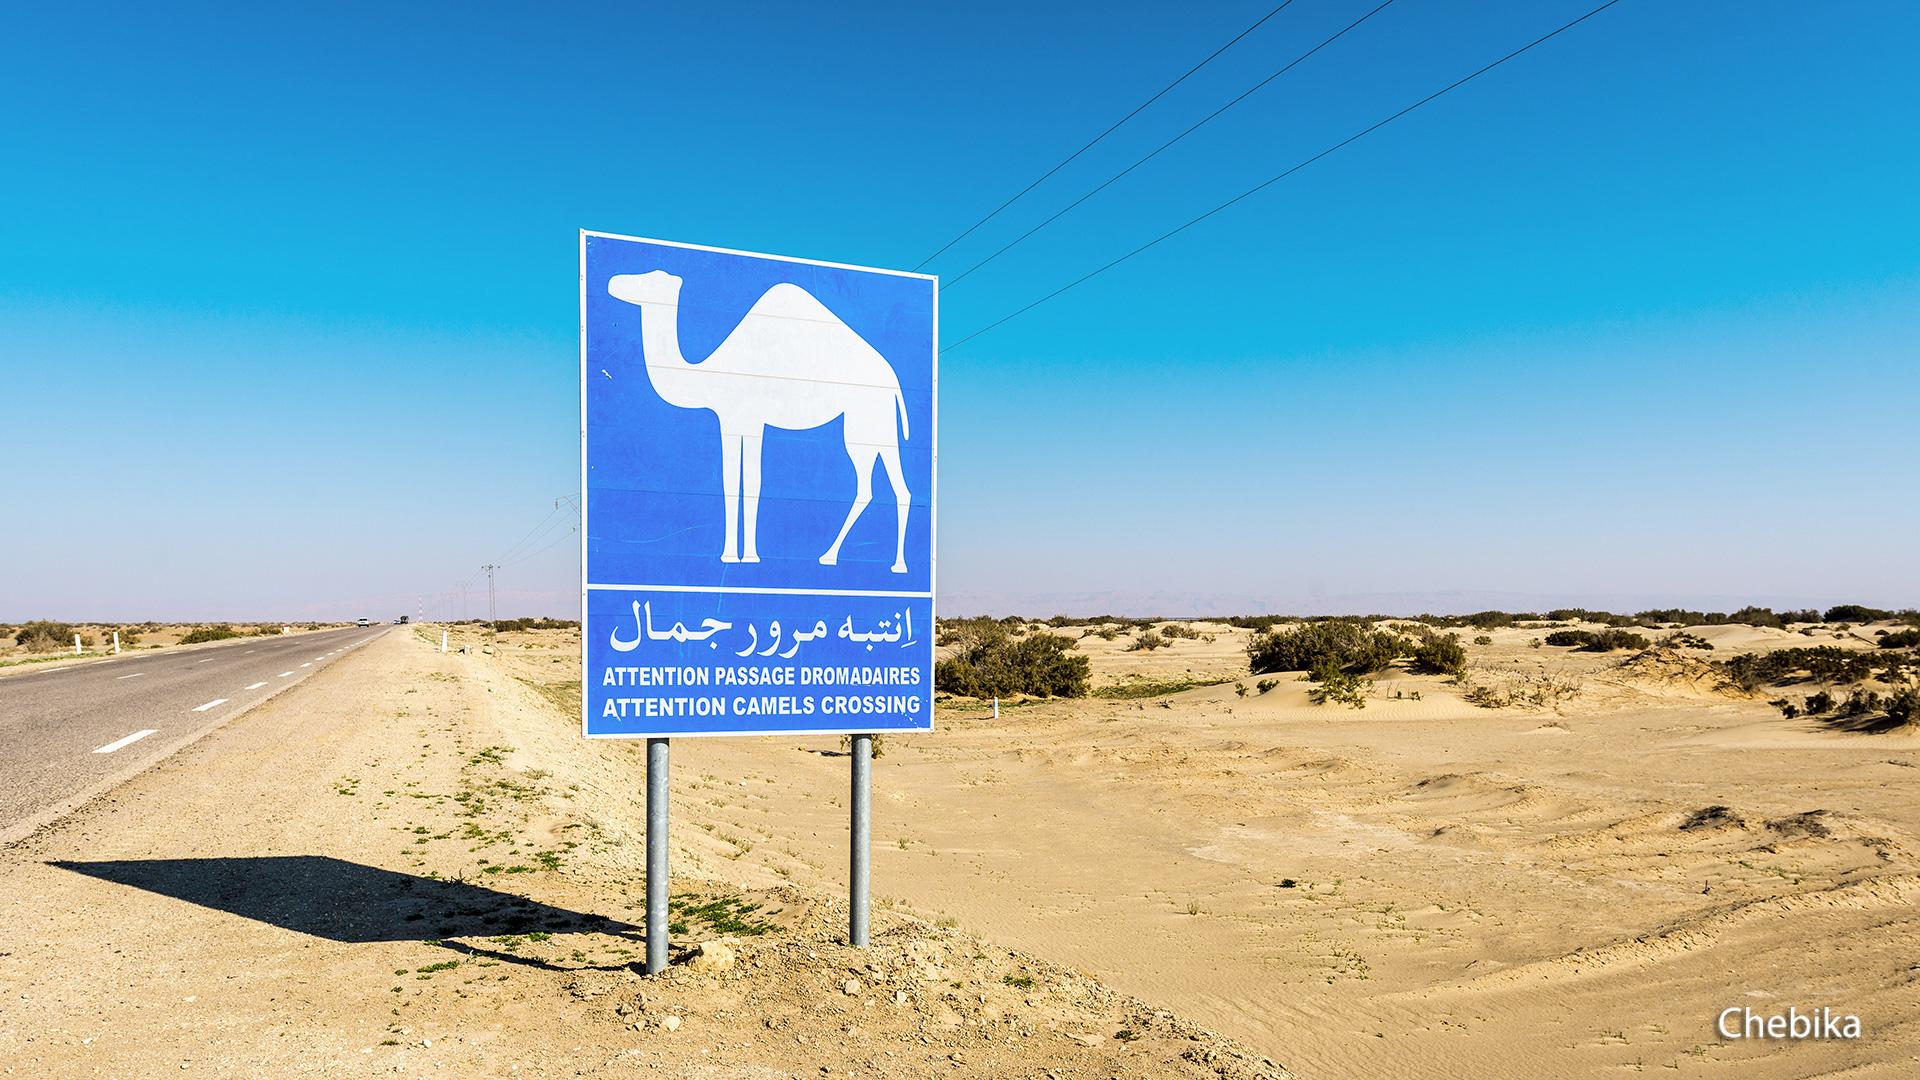 Saharyjski Off-Road Tunezja, Wyc. Objazdowe, Wyc. objazdowe